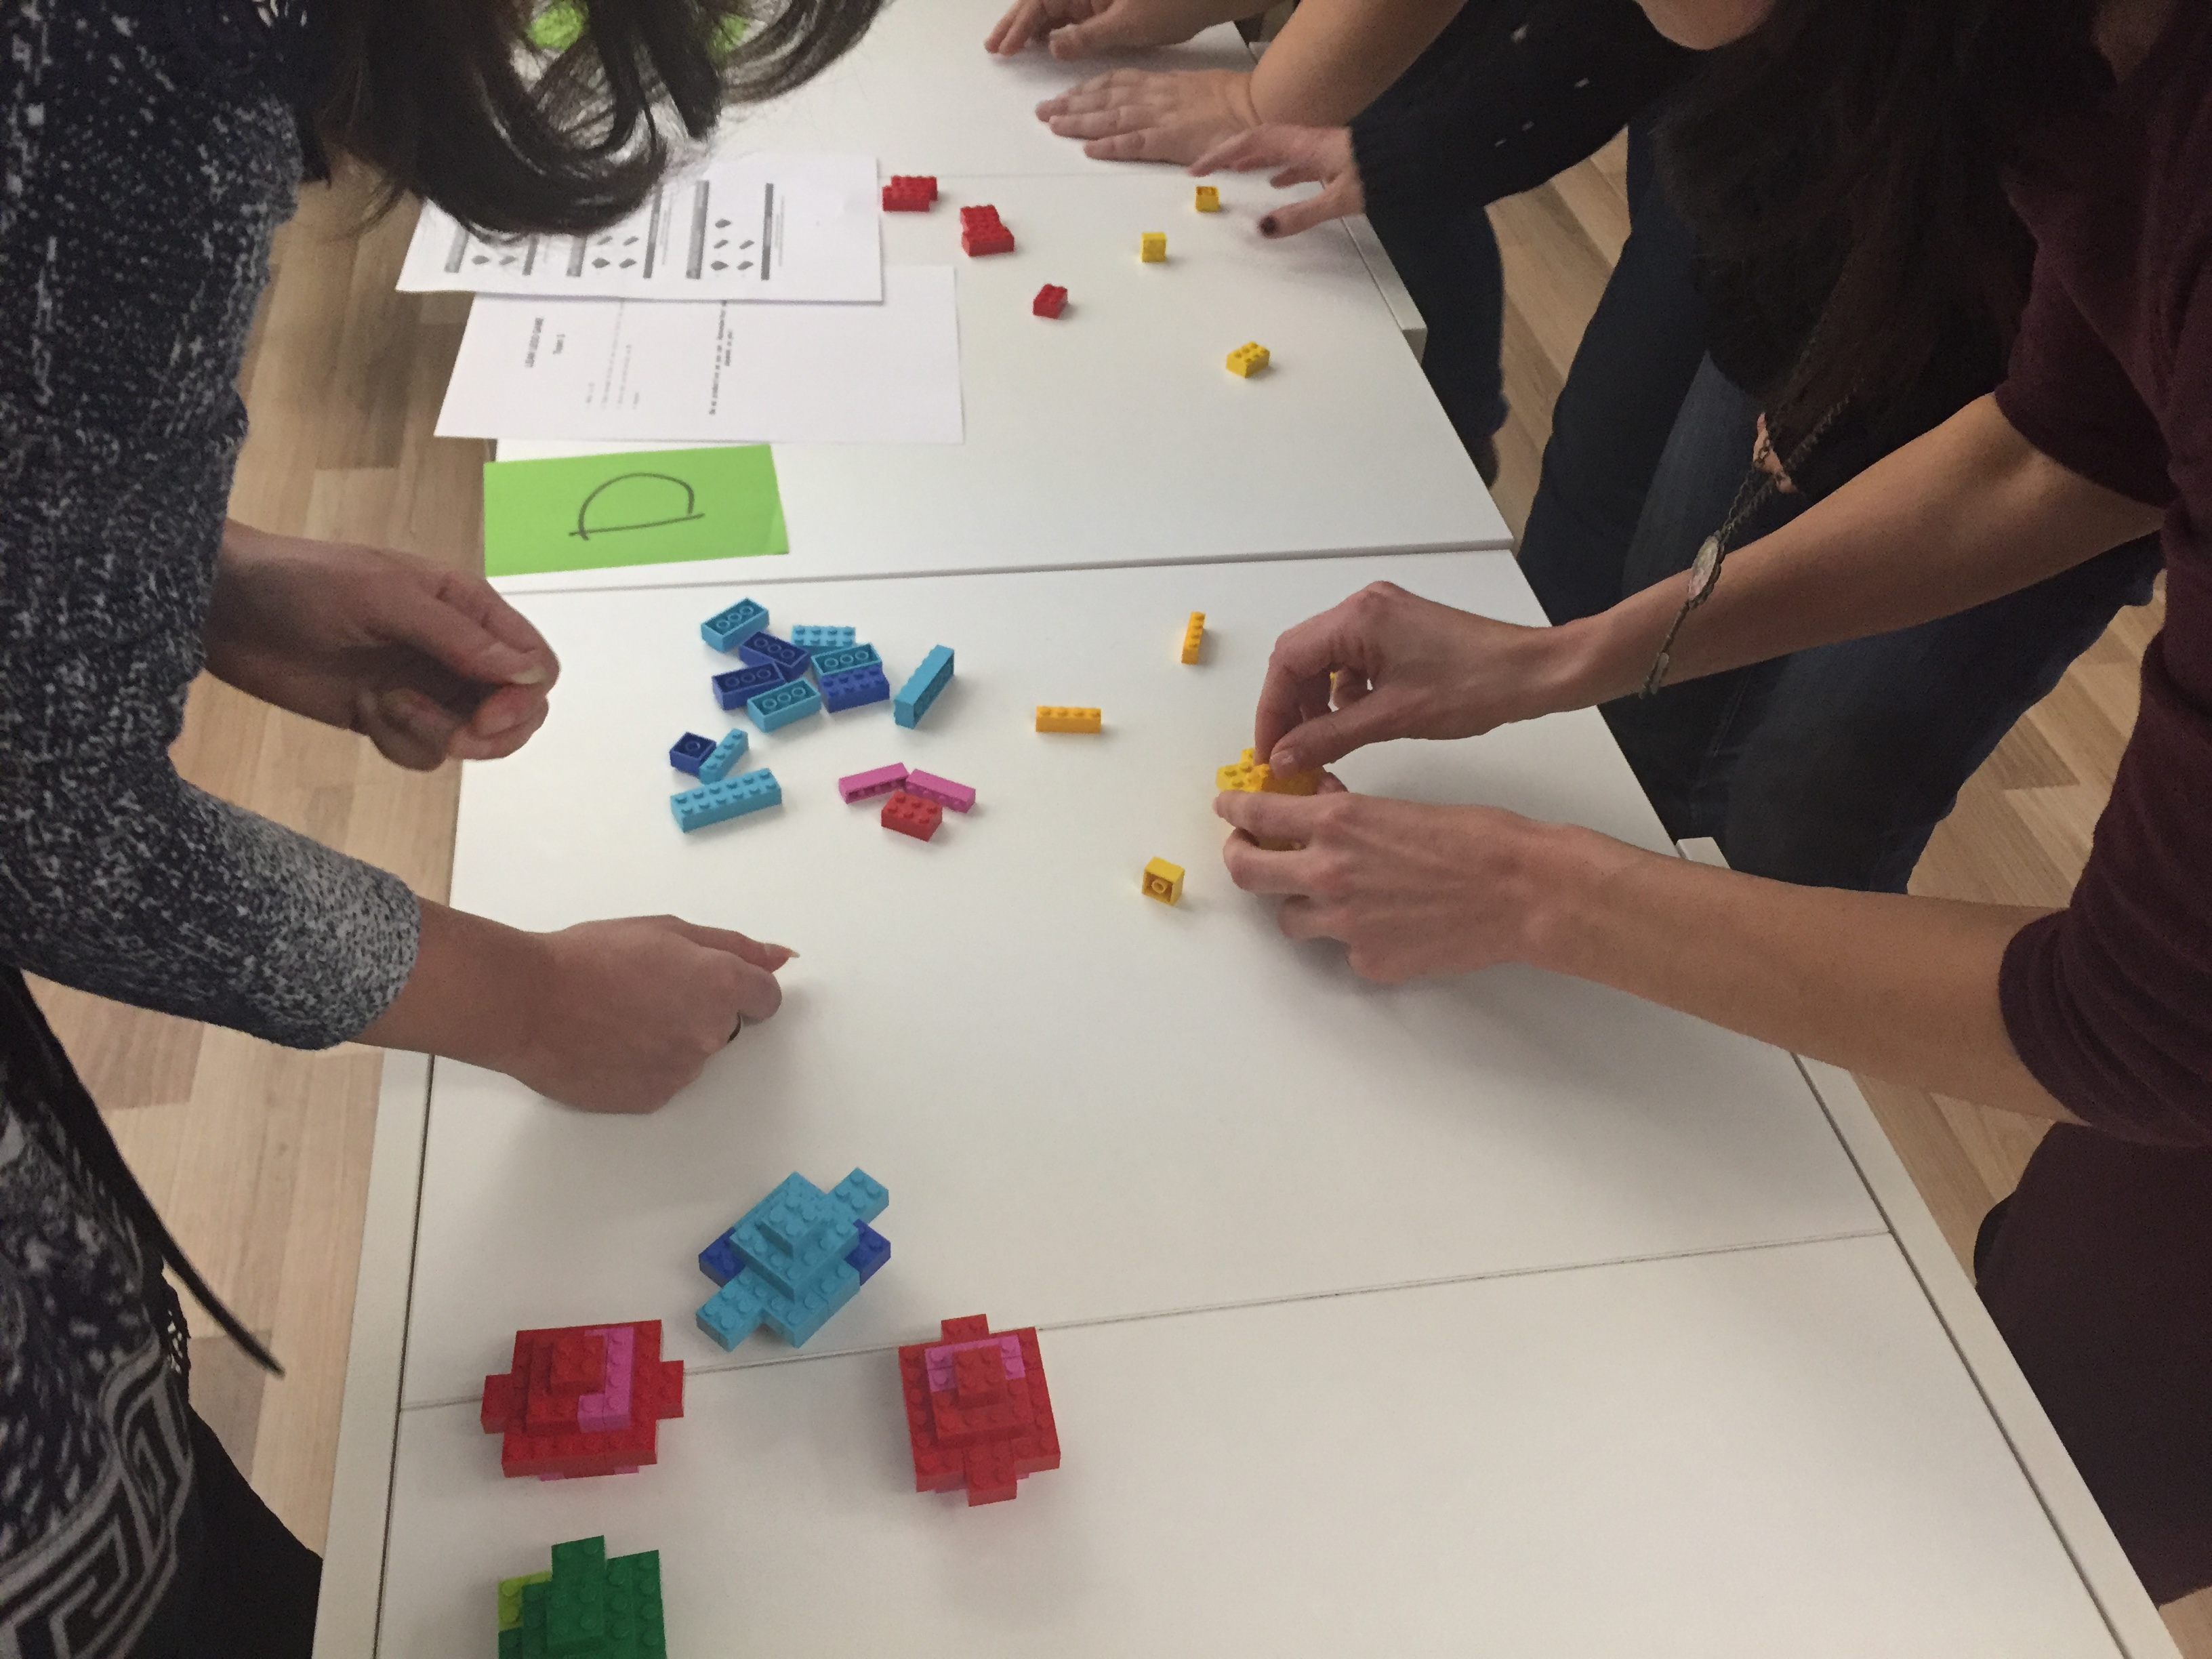 Lego workshops_hands_bricks